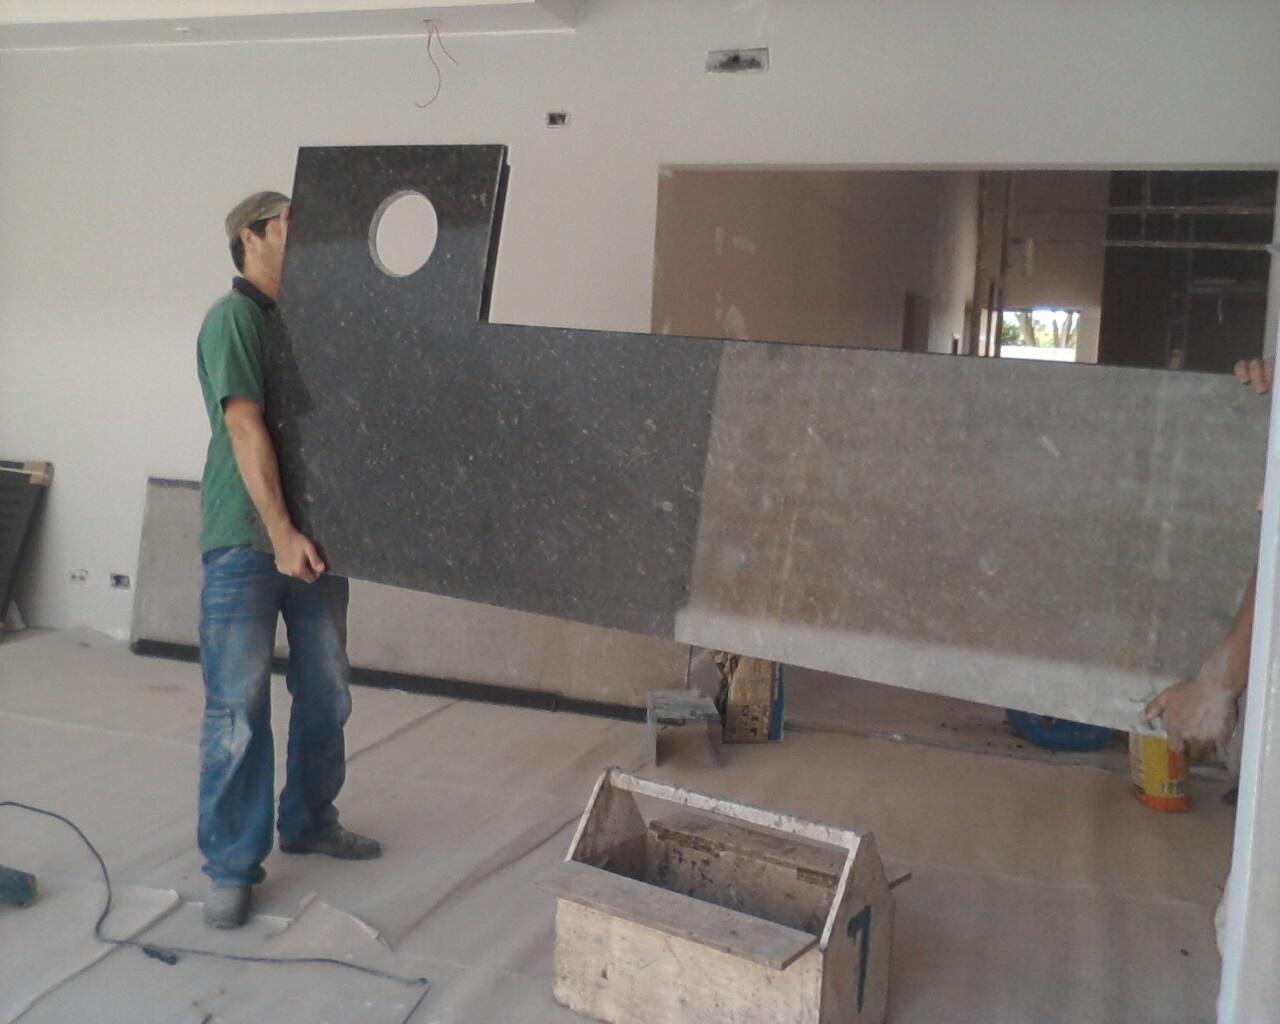 Portas e Guarnições Instaladas e granito cozinha e banheiro pronto #4B6368 1280 1024